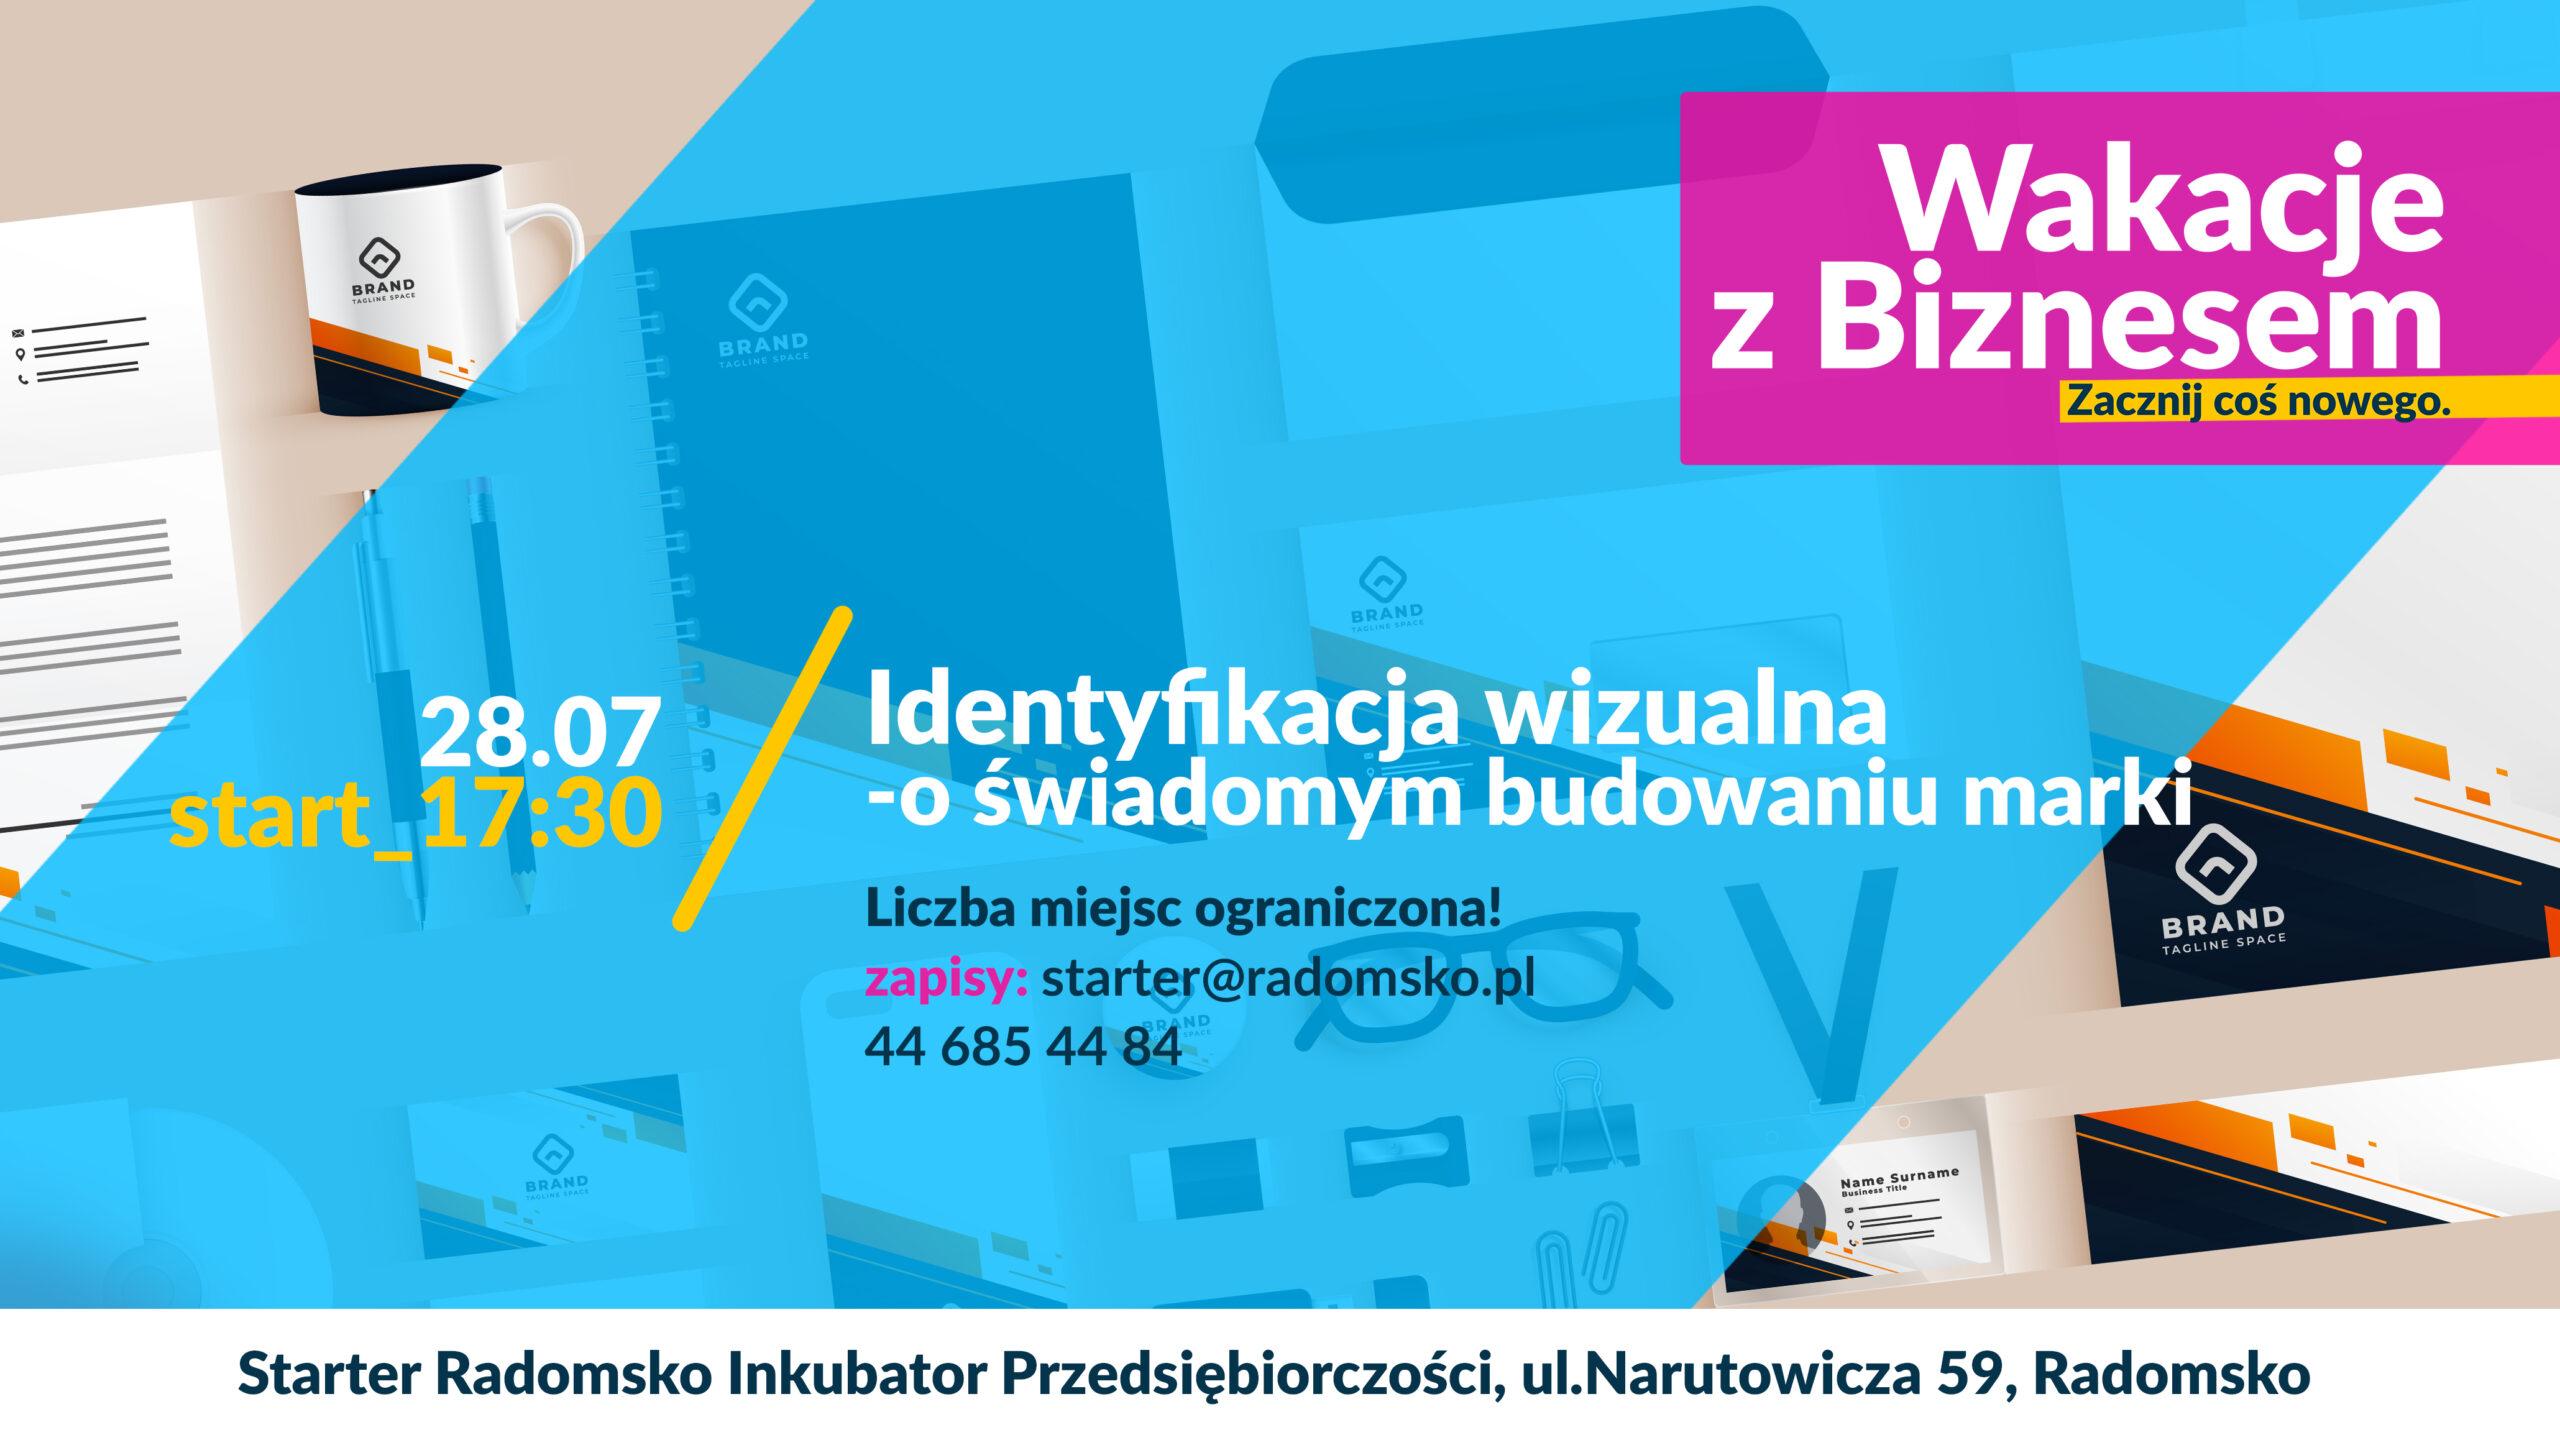 Identyfikacja wizualna - O świadomym budowaniu marki.